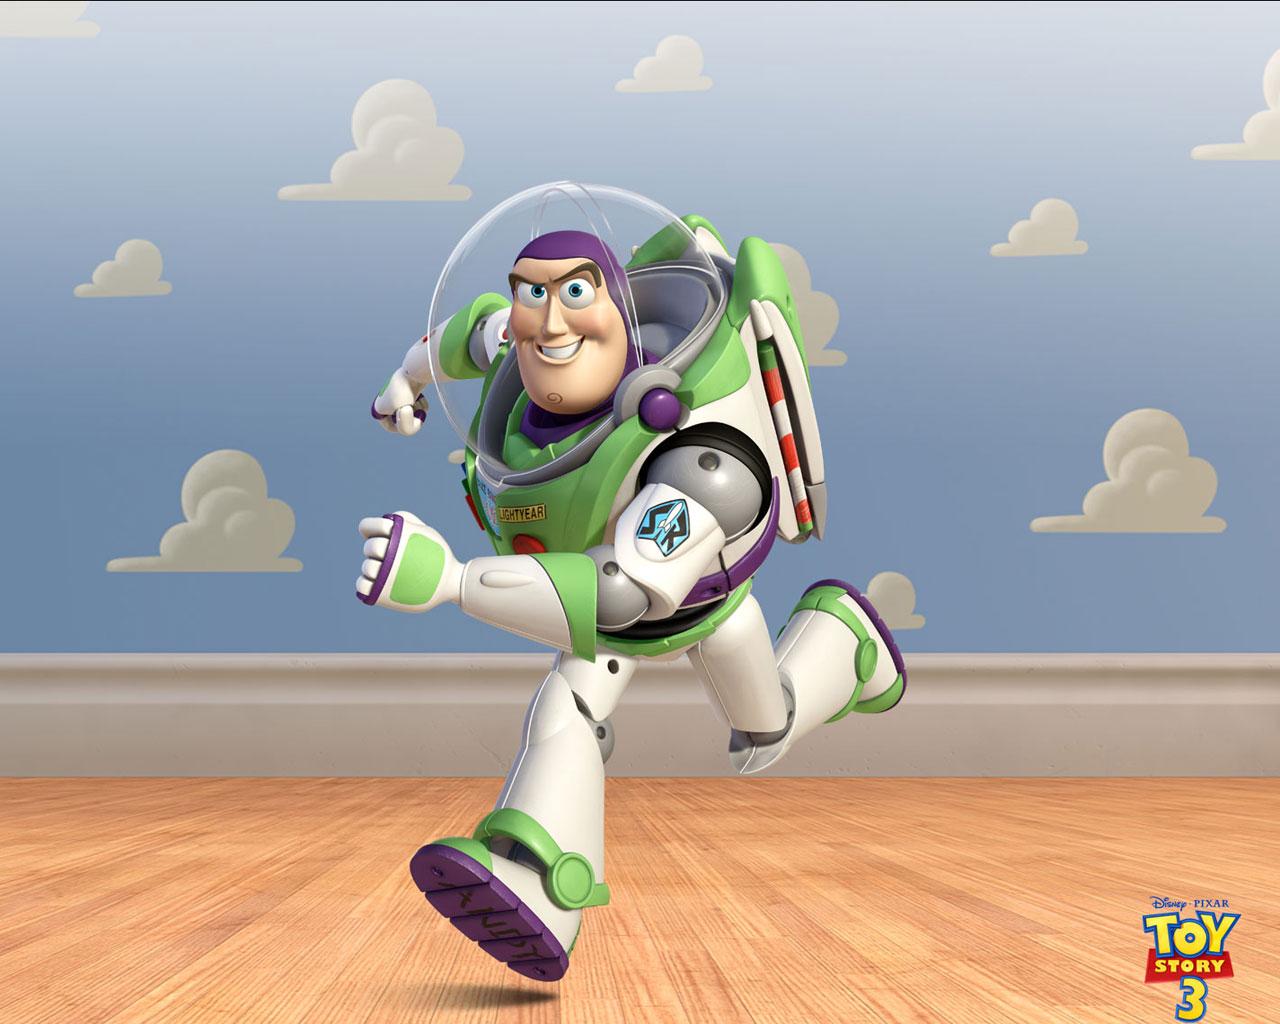 Buzz Lightyear Pixar Wiki Fandom Powered By Wikia